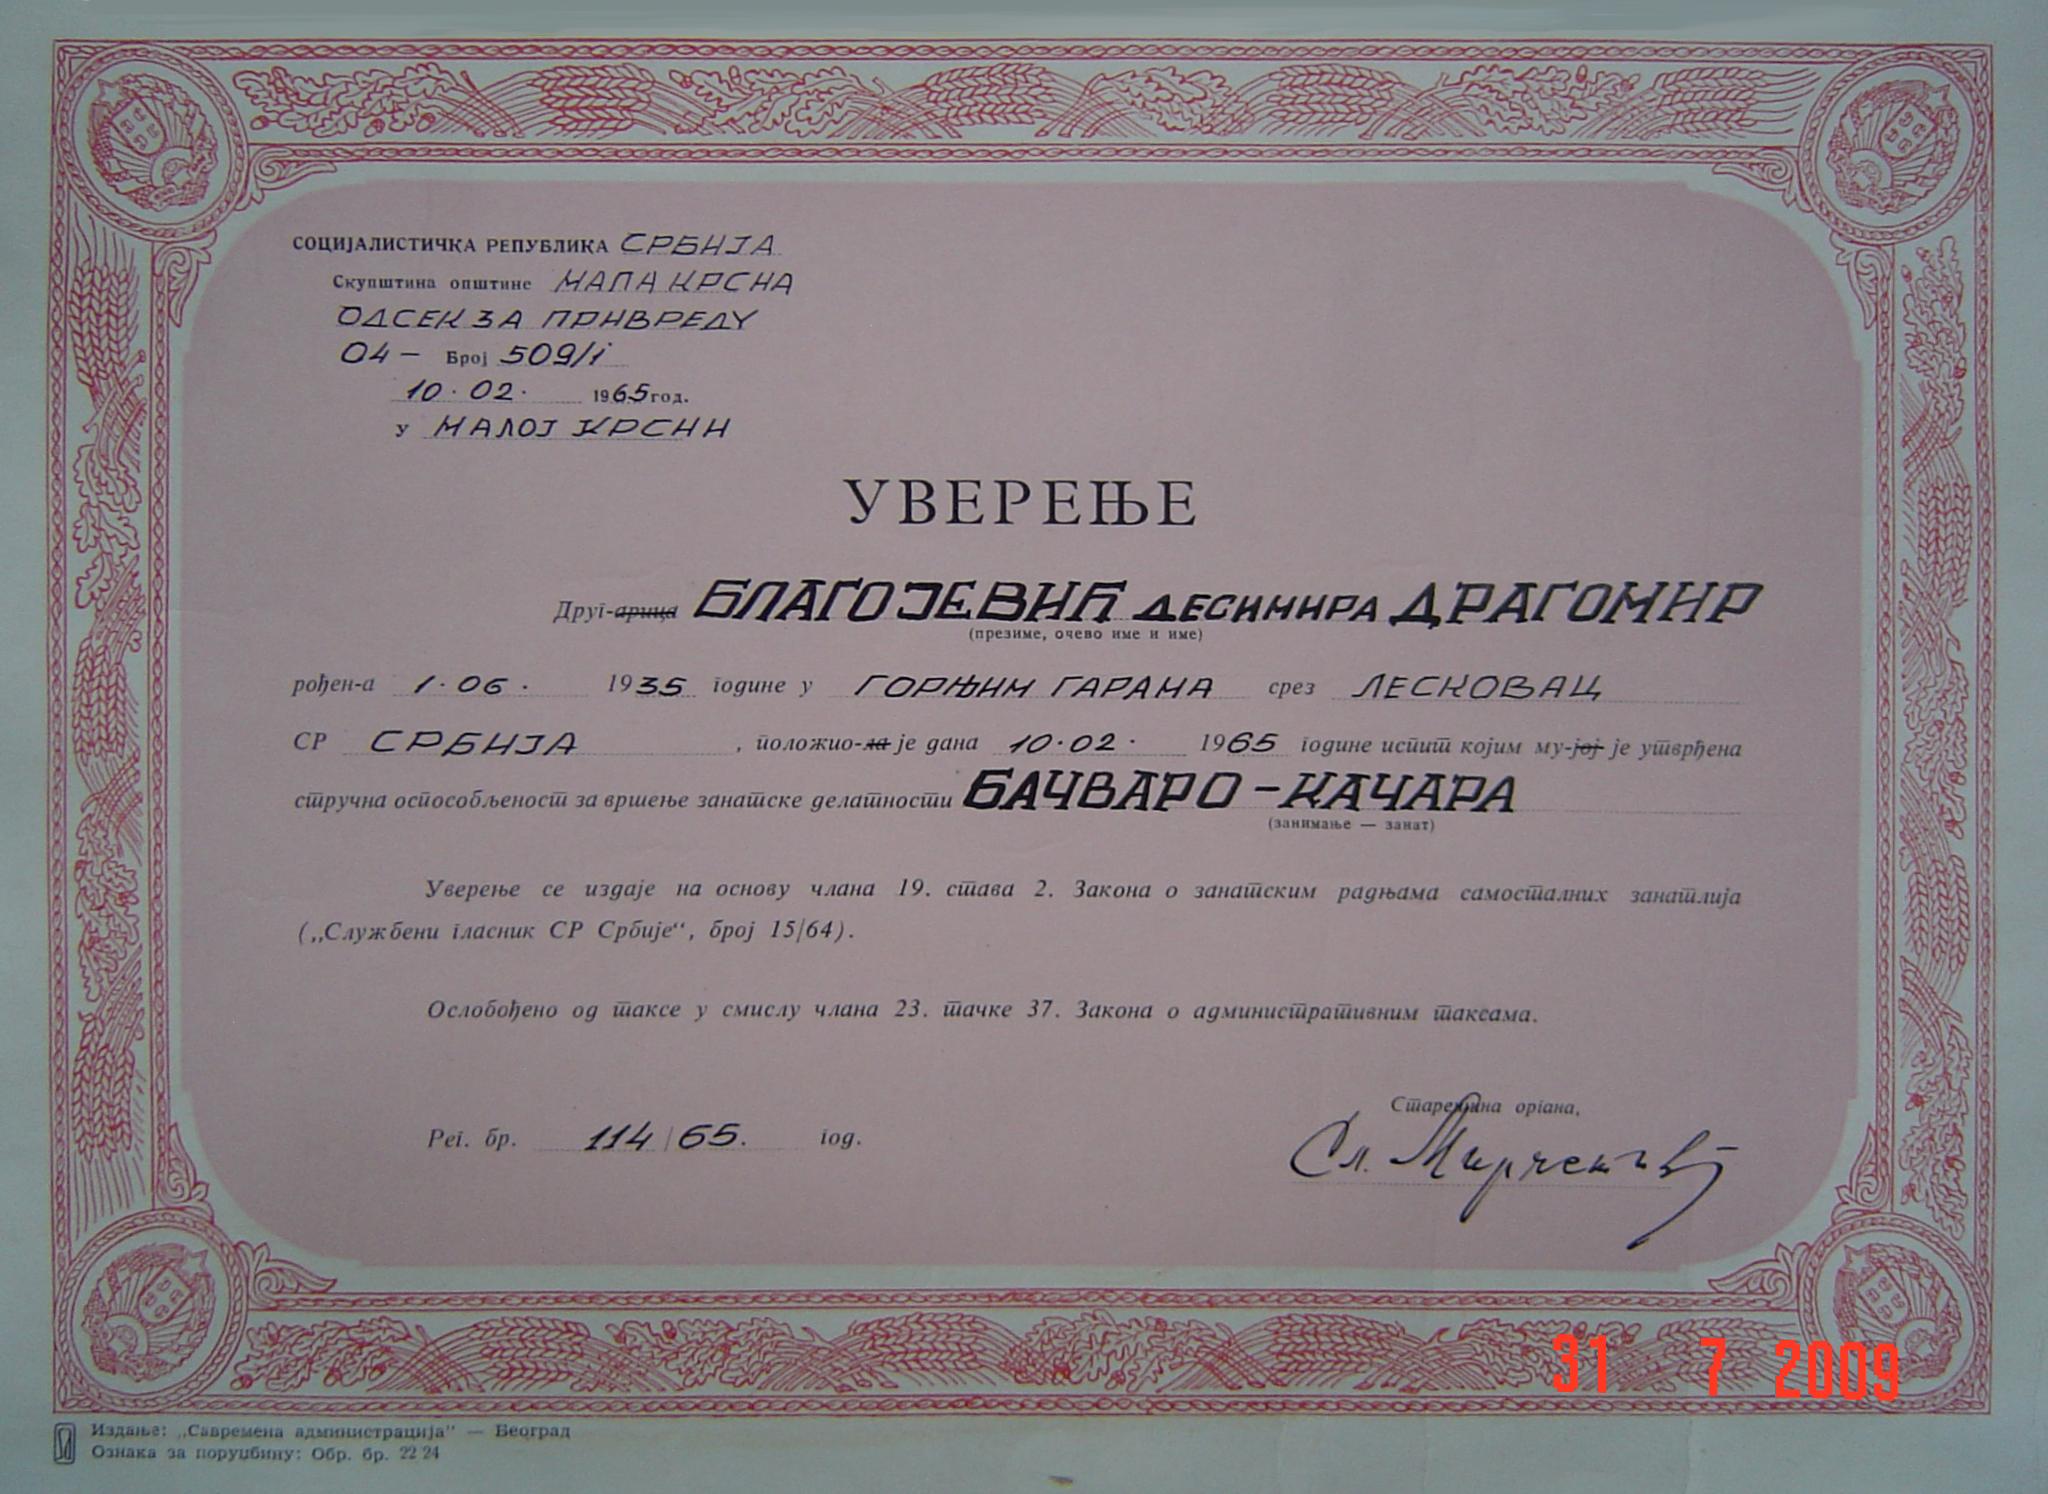 Dragomirova diploma iz 1964. godine